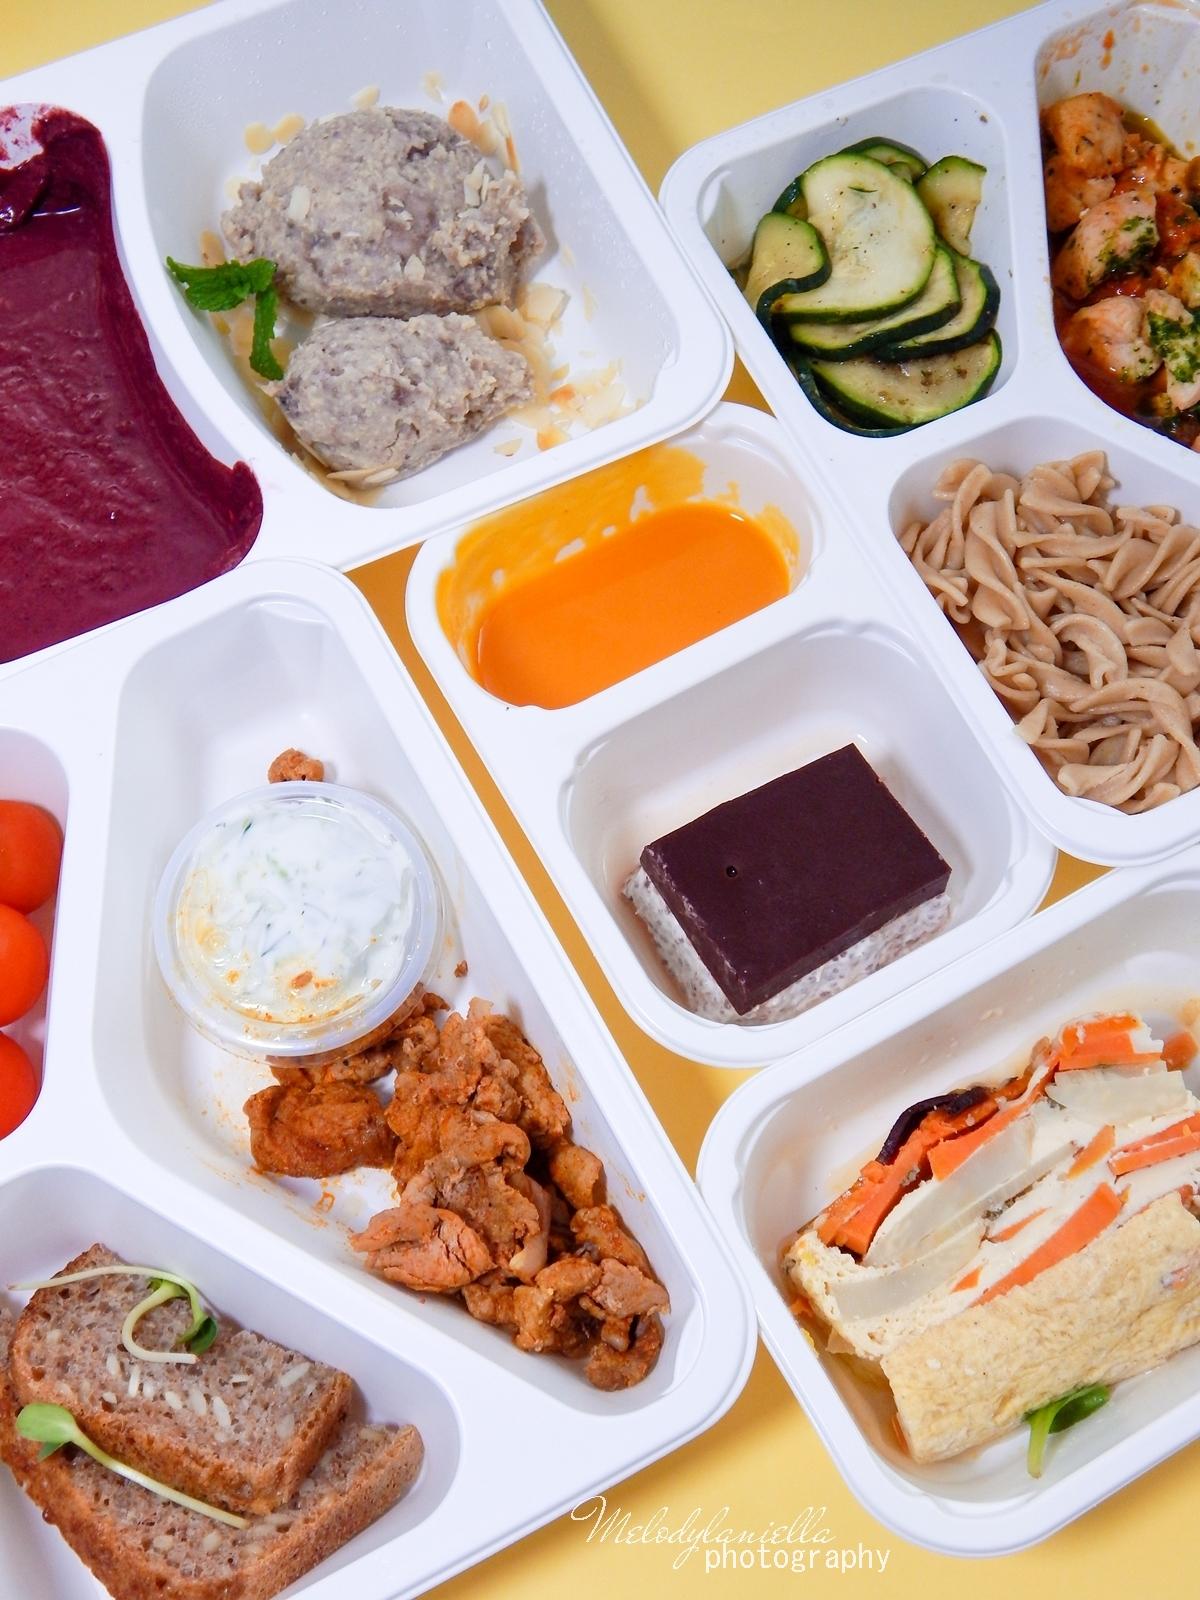 012 cateromarket dieta pudełkowa catering dietetyczny dieta jak przejść na dietę catering z dowozem do domu dieta kalorie melodylaniella dieta na cały dzień jedzenie na cały dzień catering do domu